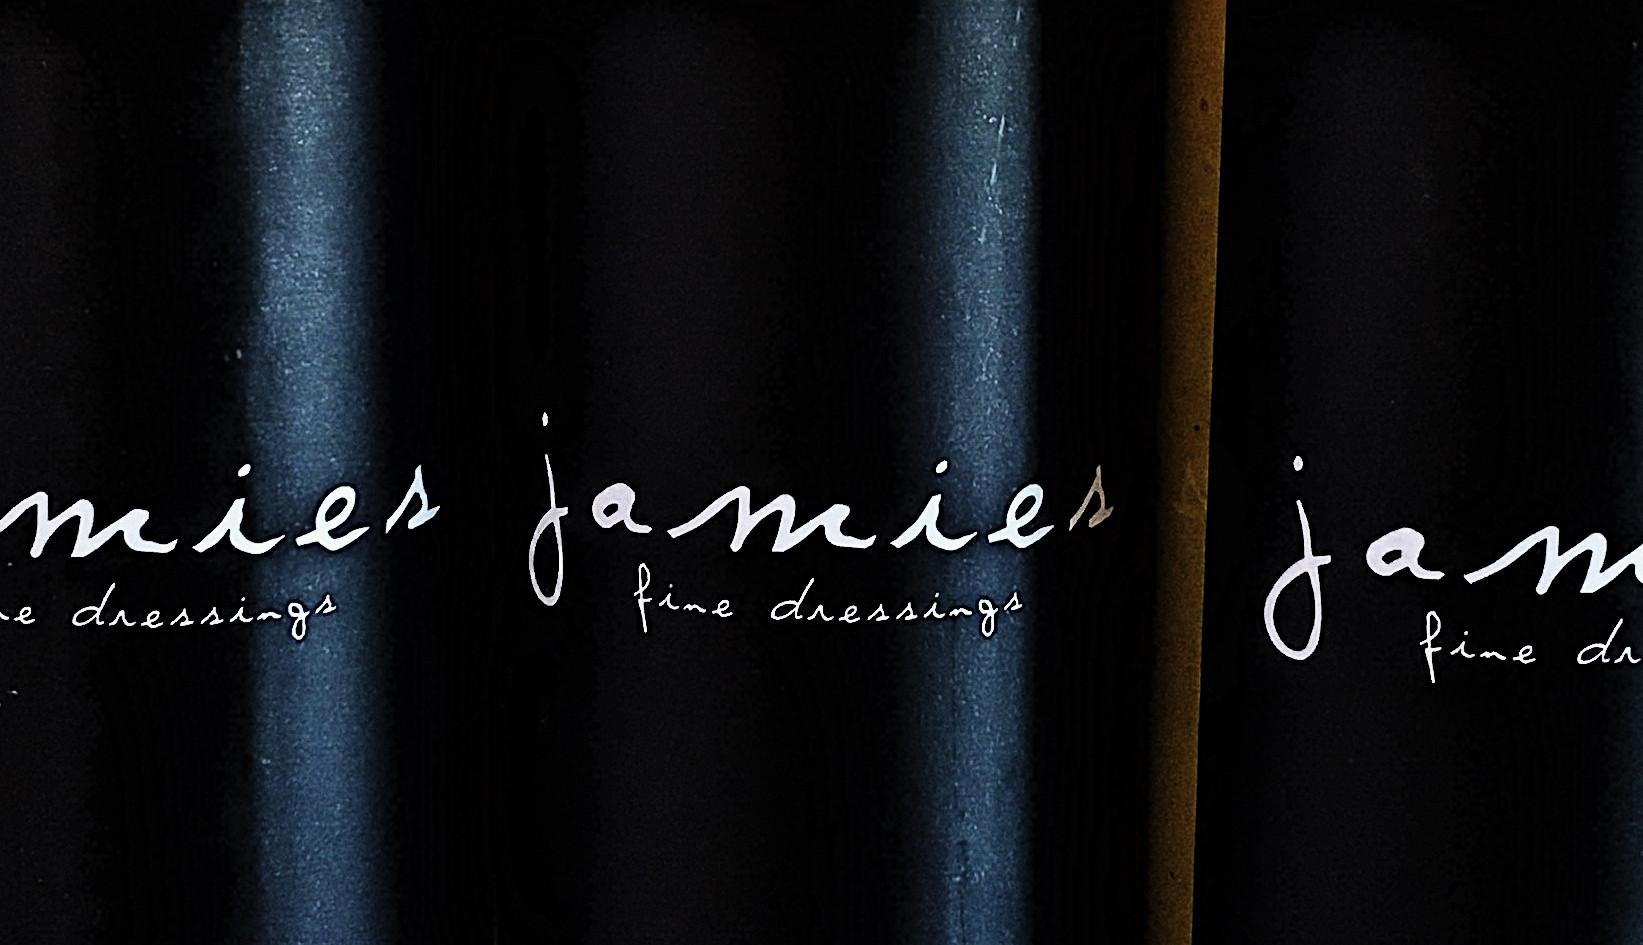 Jamie's fine dressings